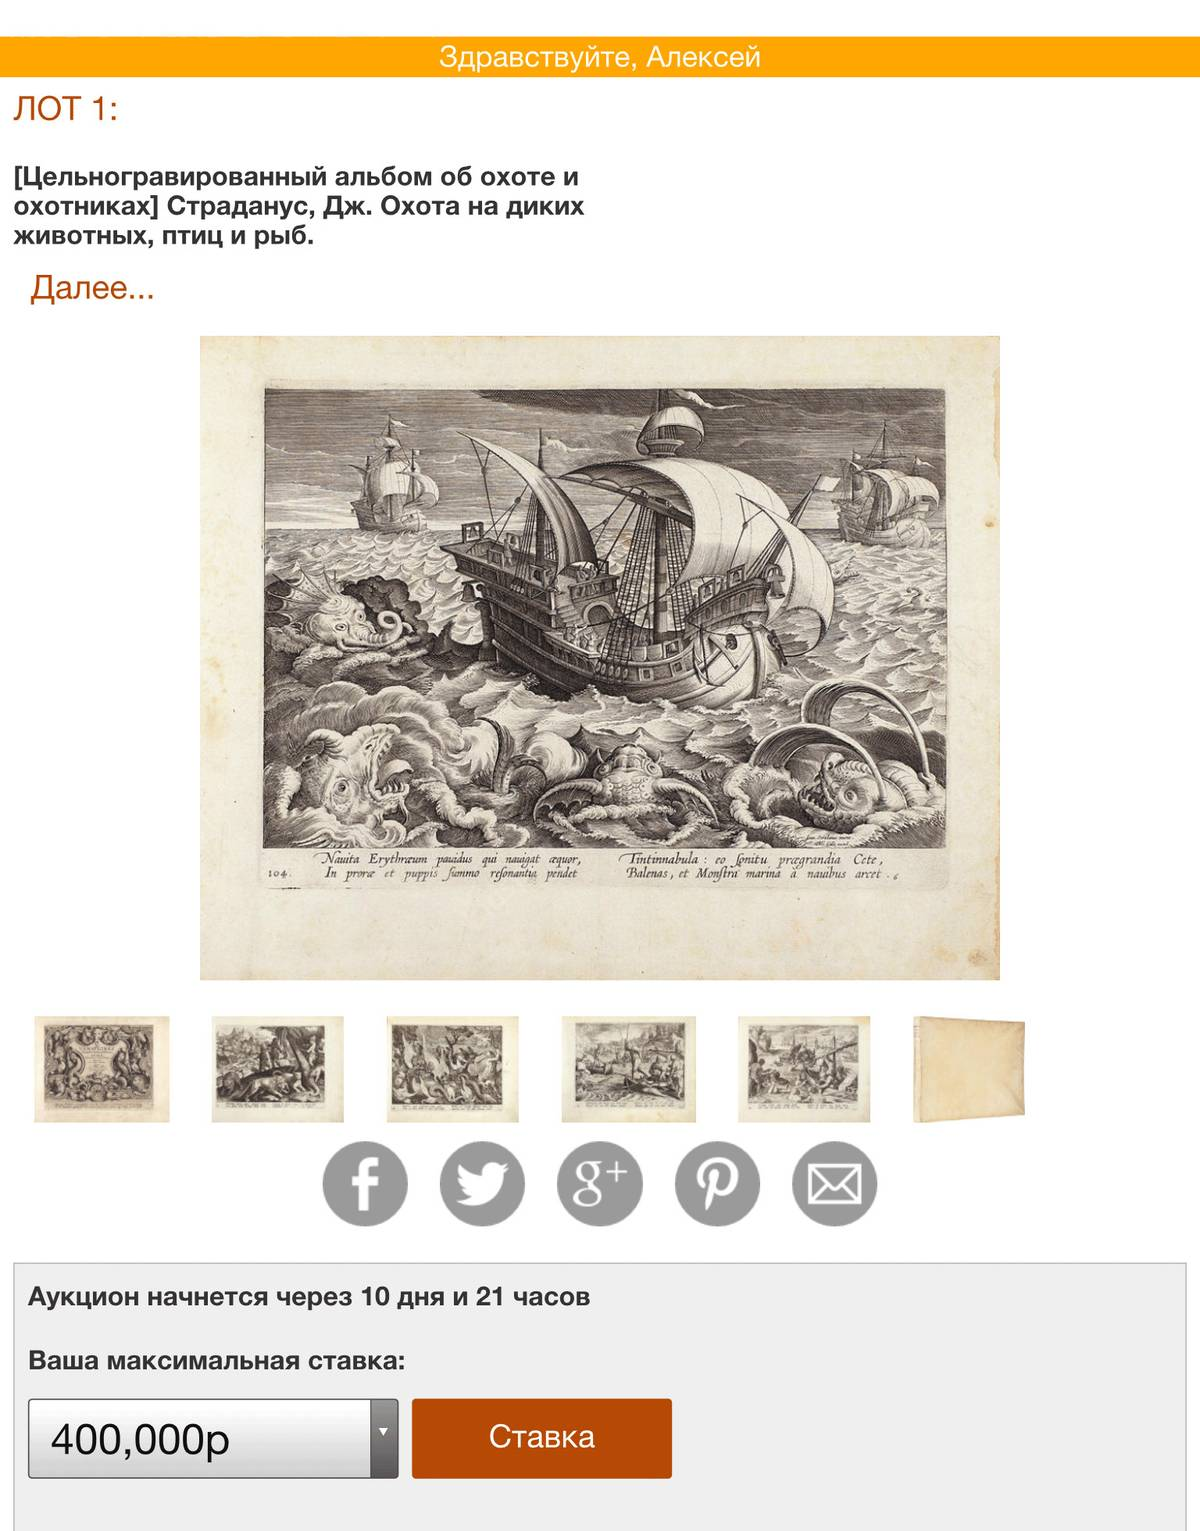 В России тоже выше всего ценят красивые книги. Вот на аукционе продают цельногравированный альбом об охоте и охотниках со стартовой ценой 400 тысяч рублей